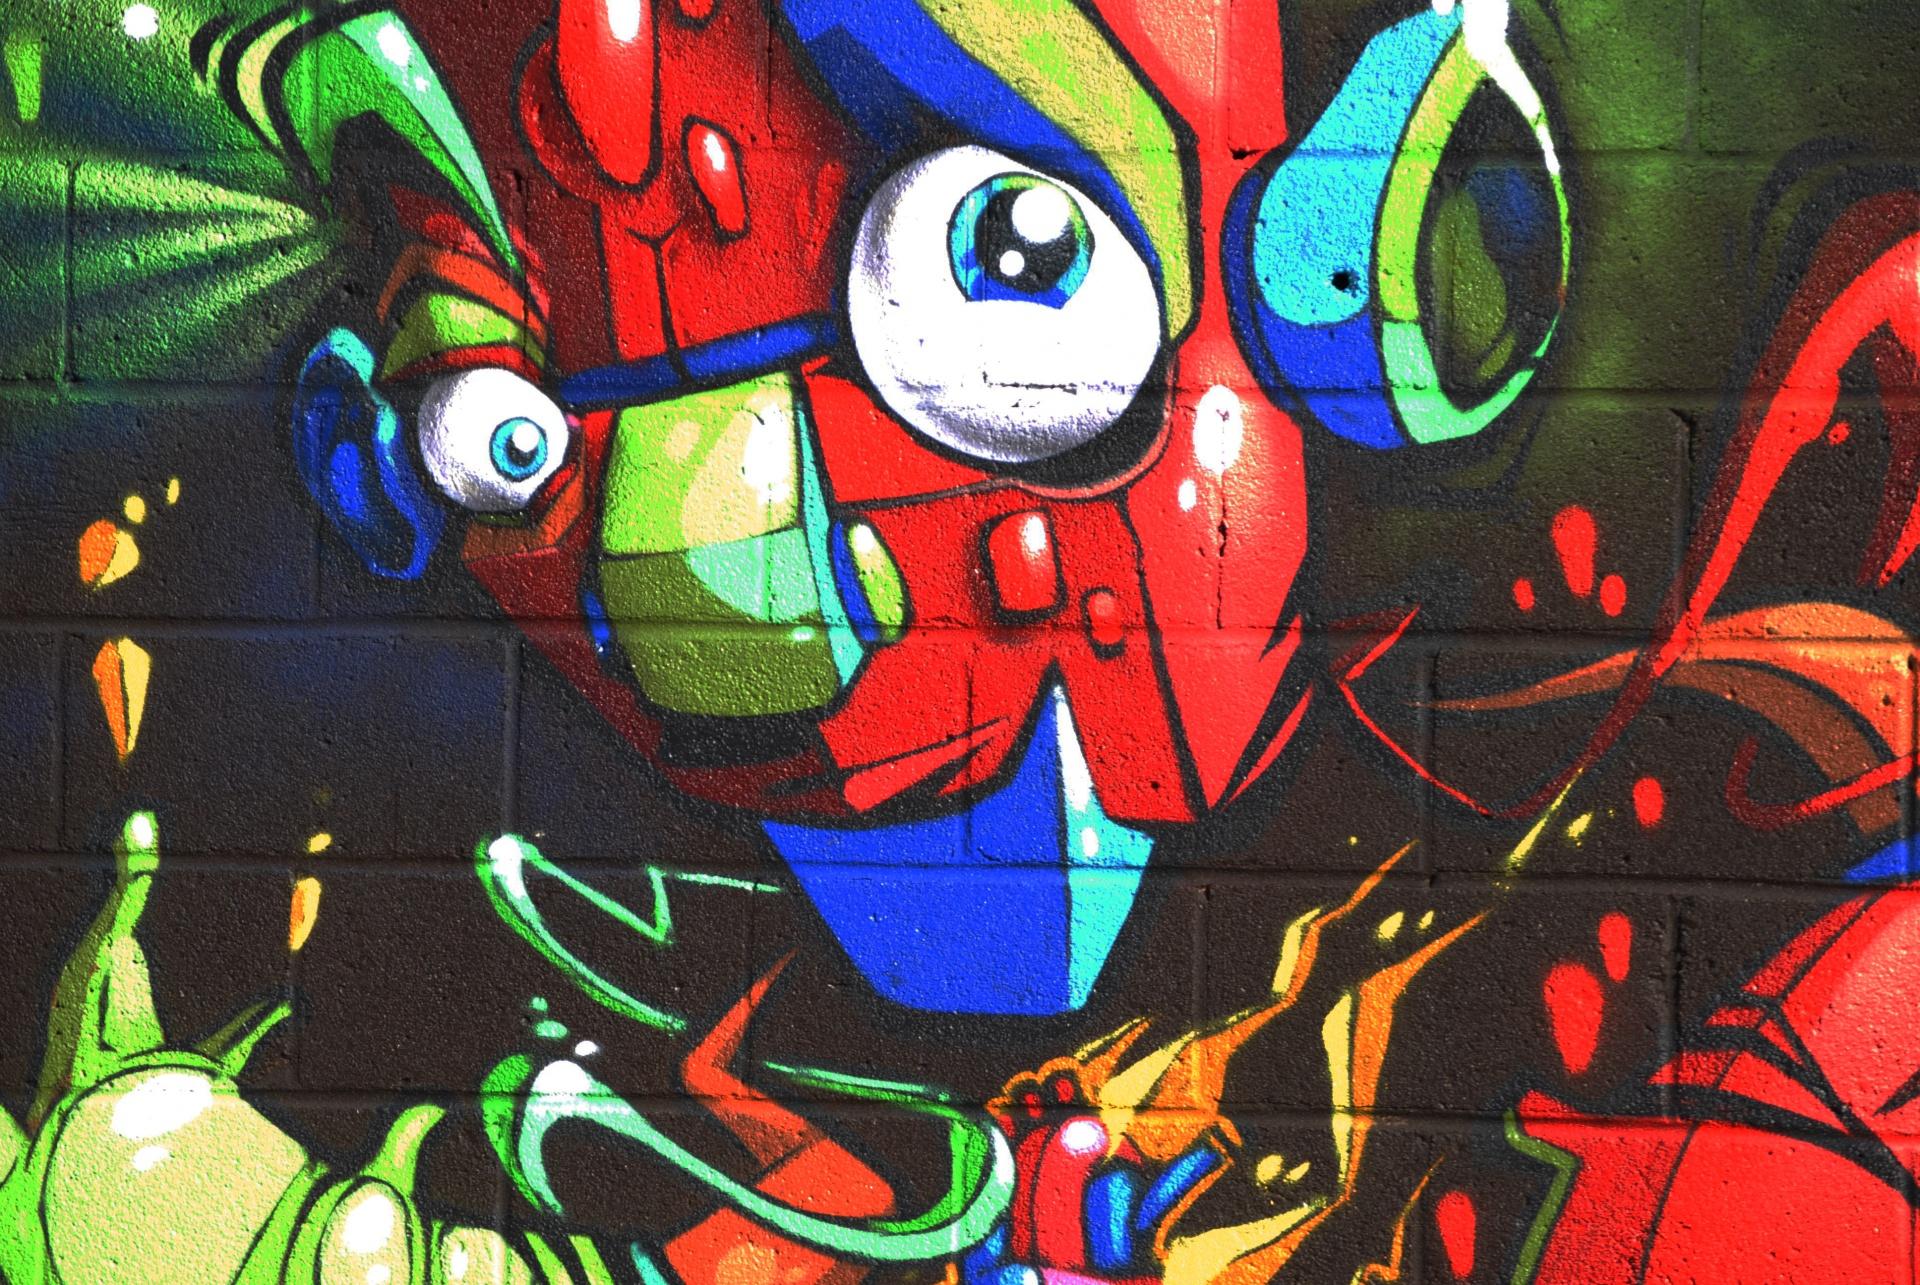 Graffiti Backgrounds, Compatible - PC, Mobile, Gadgets| 1920x1285 px